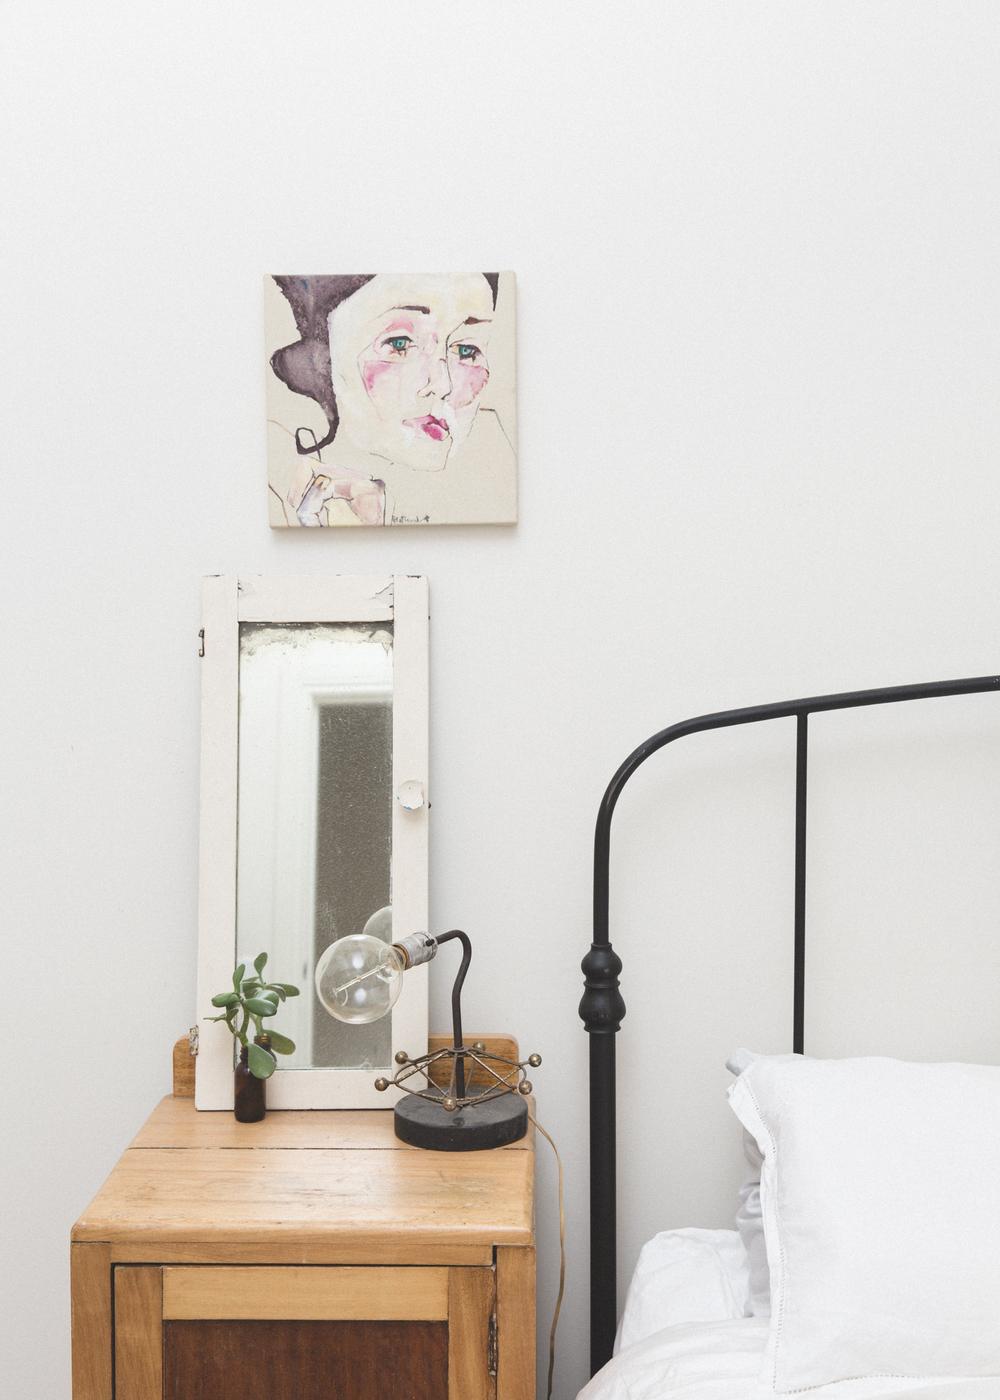 sharehomes bedroom bedside table peta alannah art